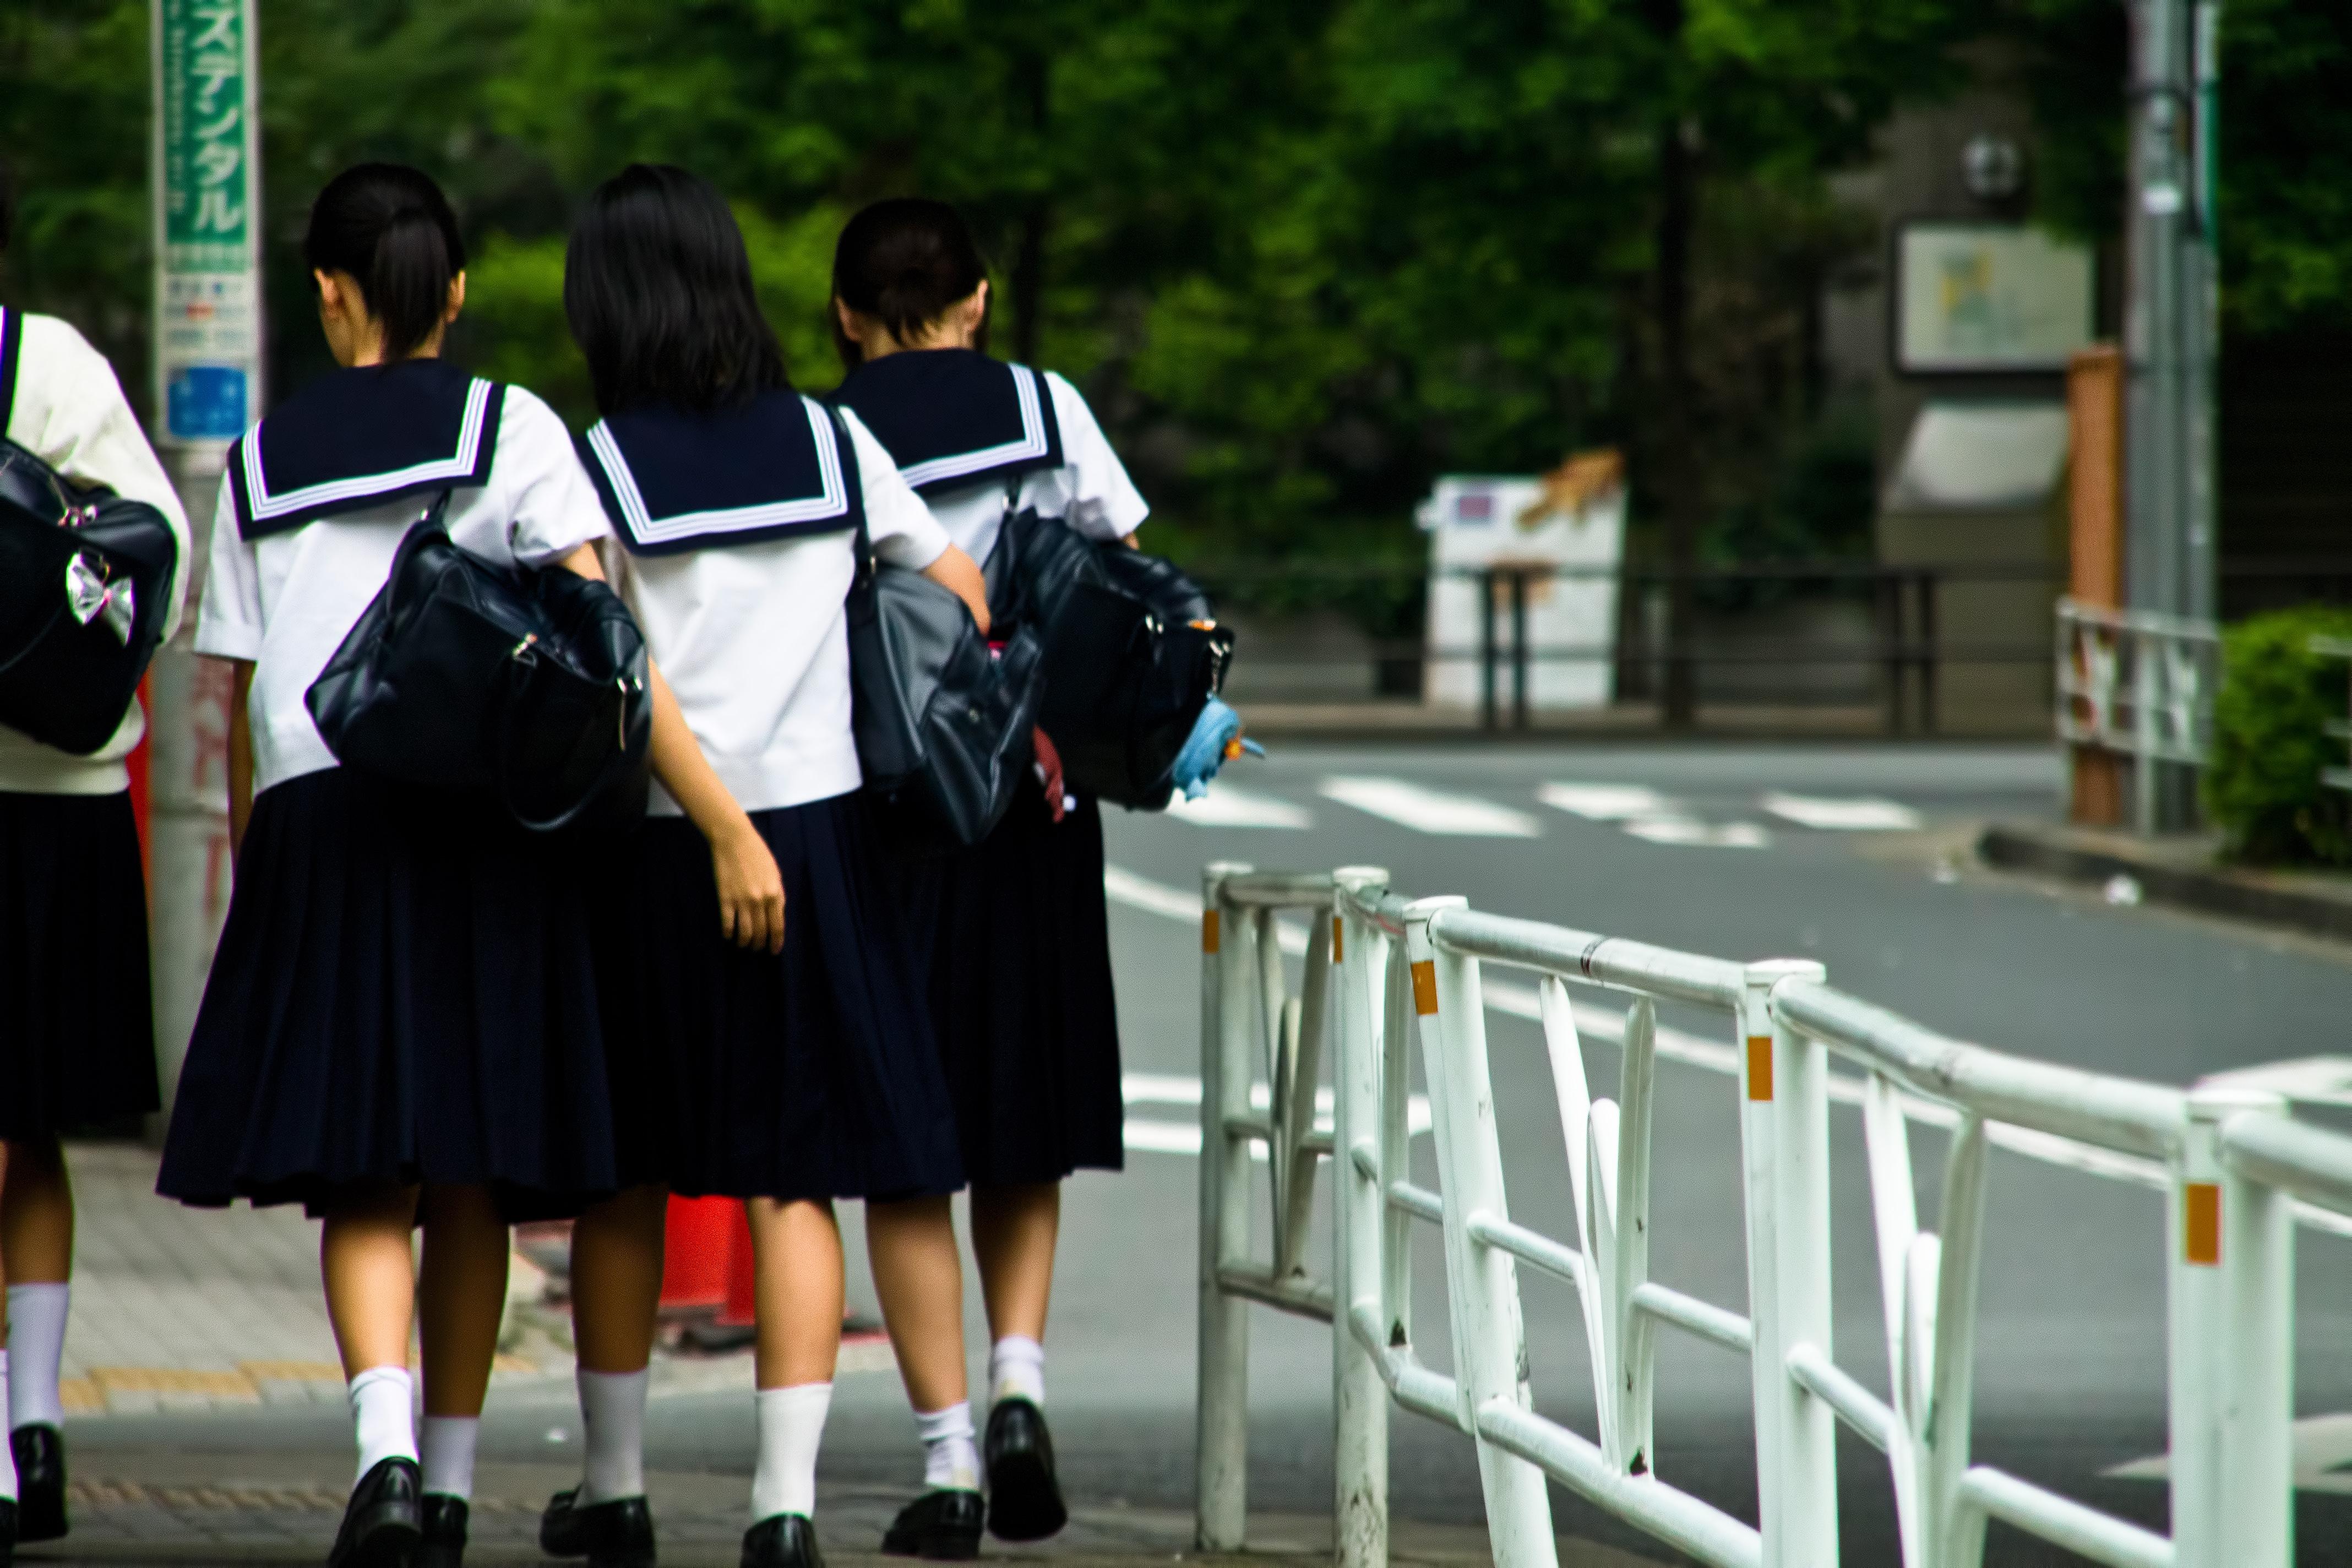 中学生の女の子の全裸画像ください 高解像度版. 下校途中の女子中学生 ...